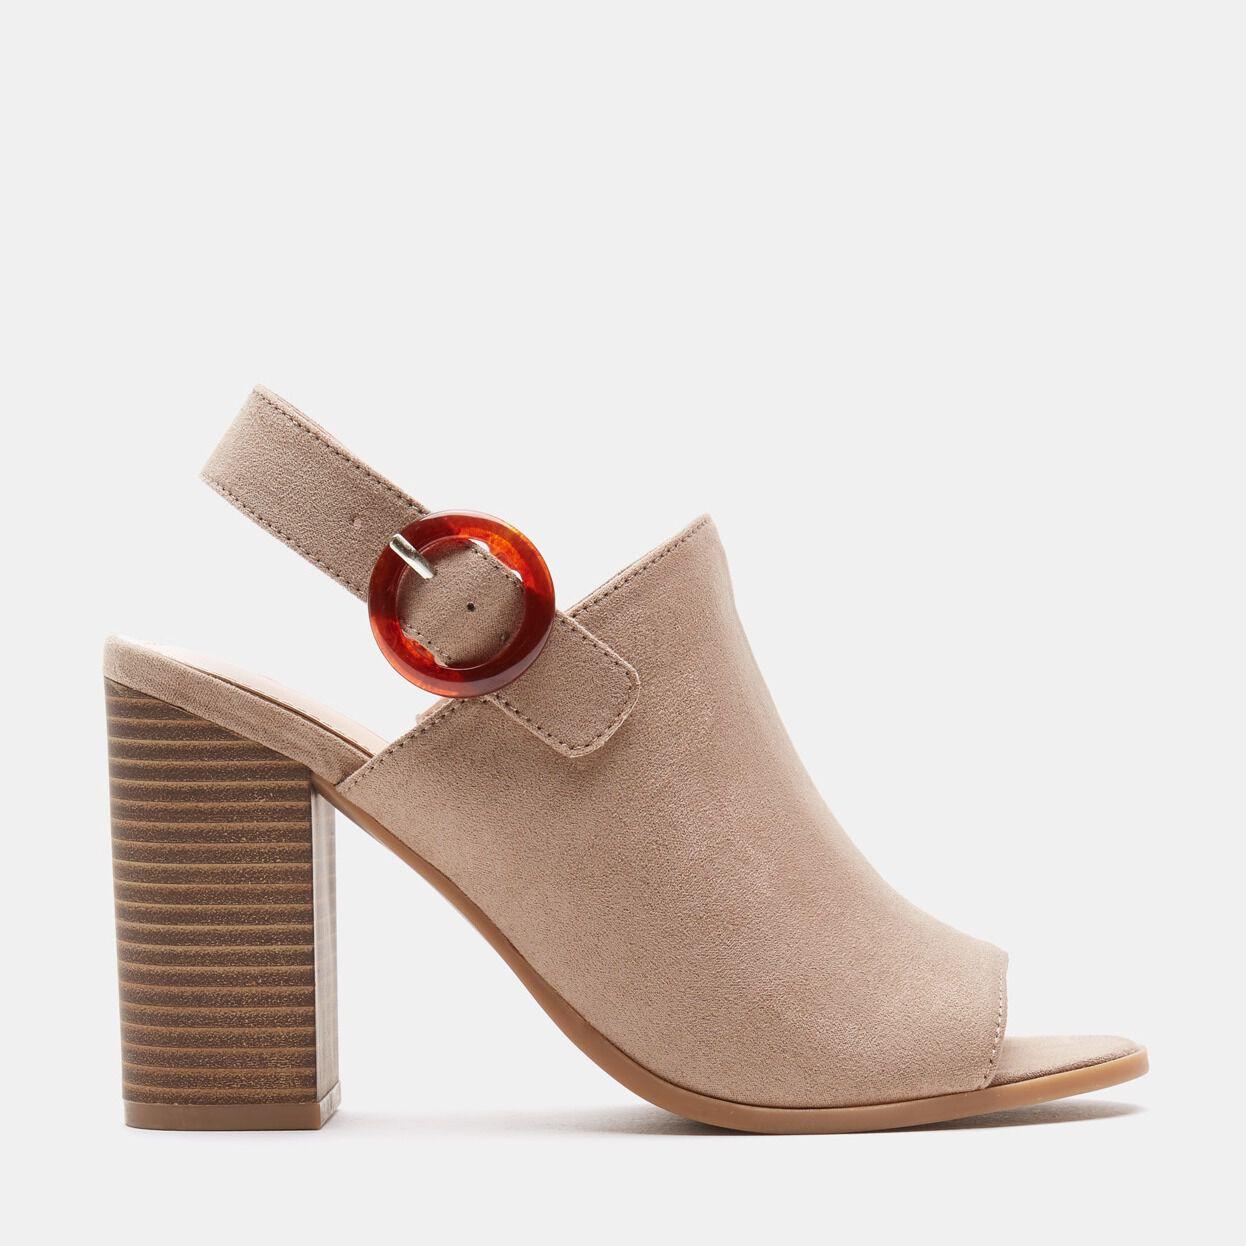 Sandali donna   Bata